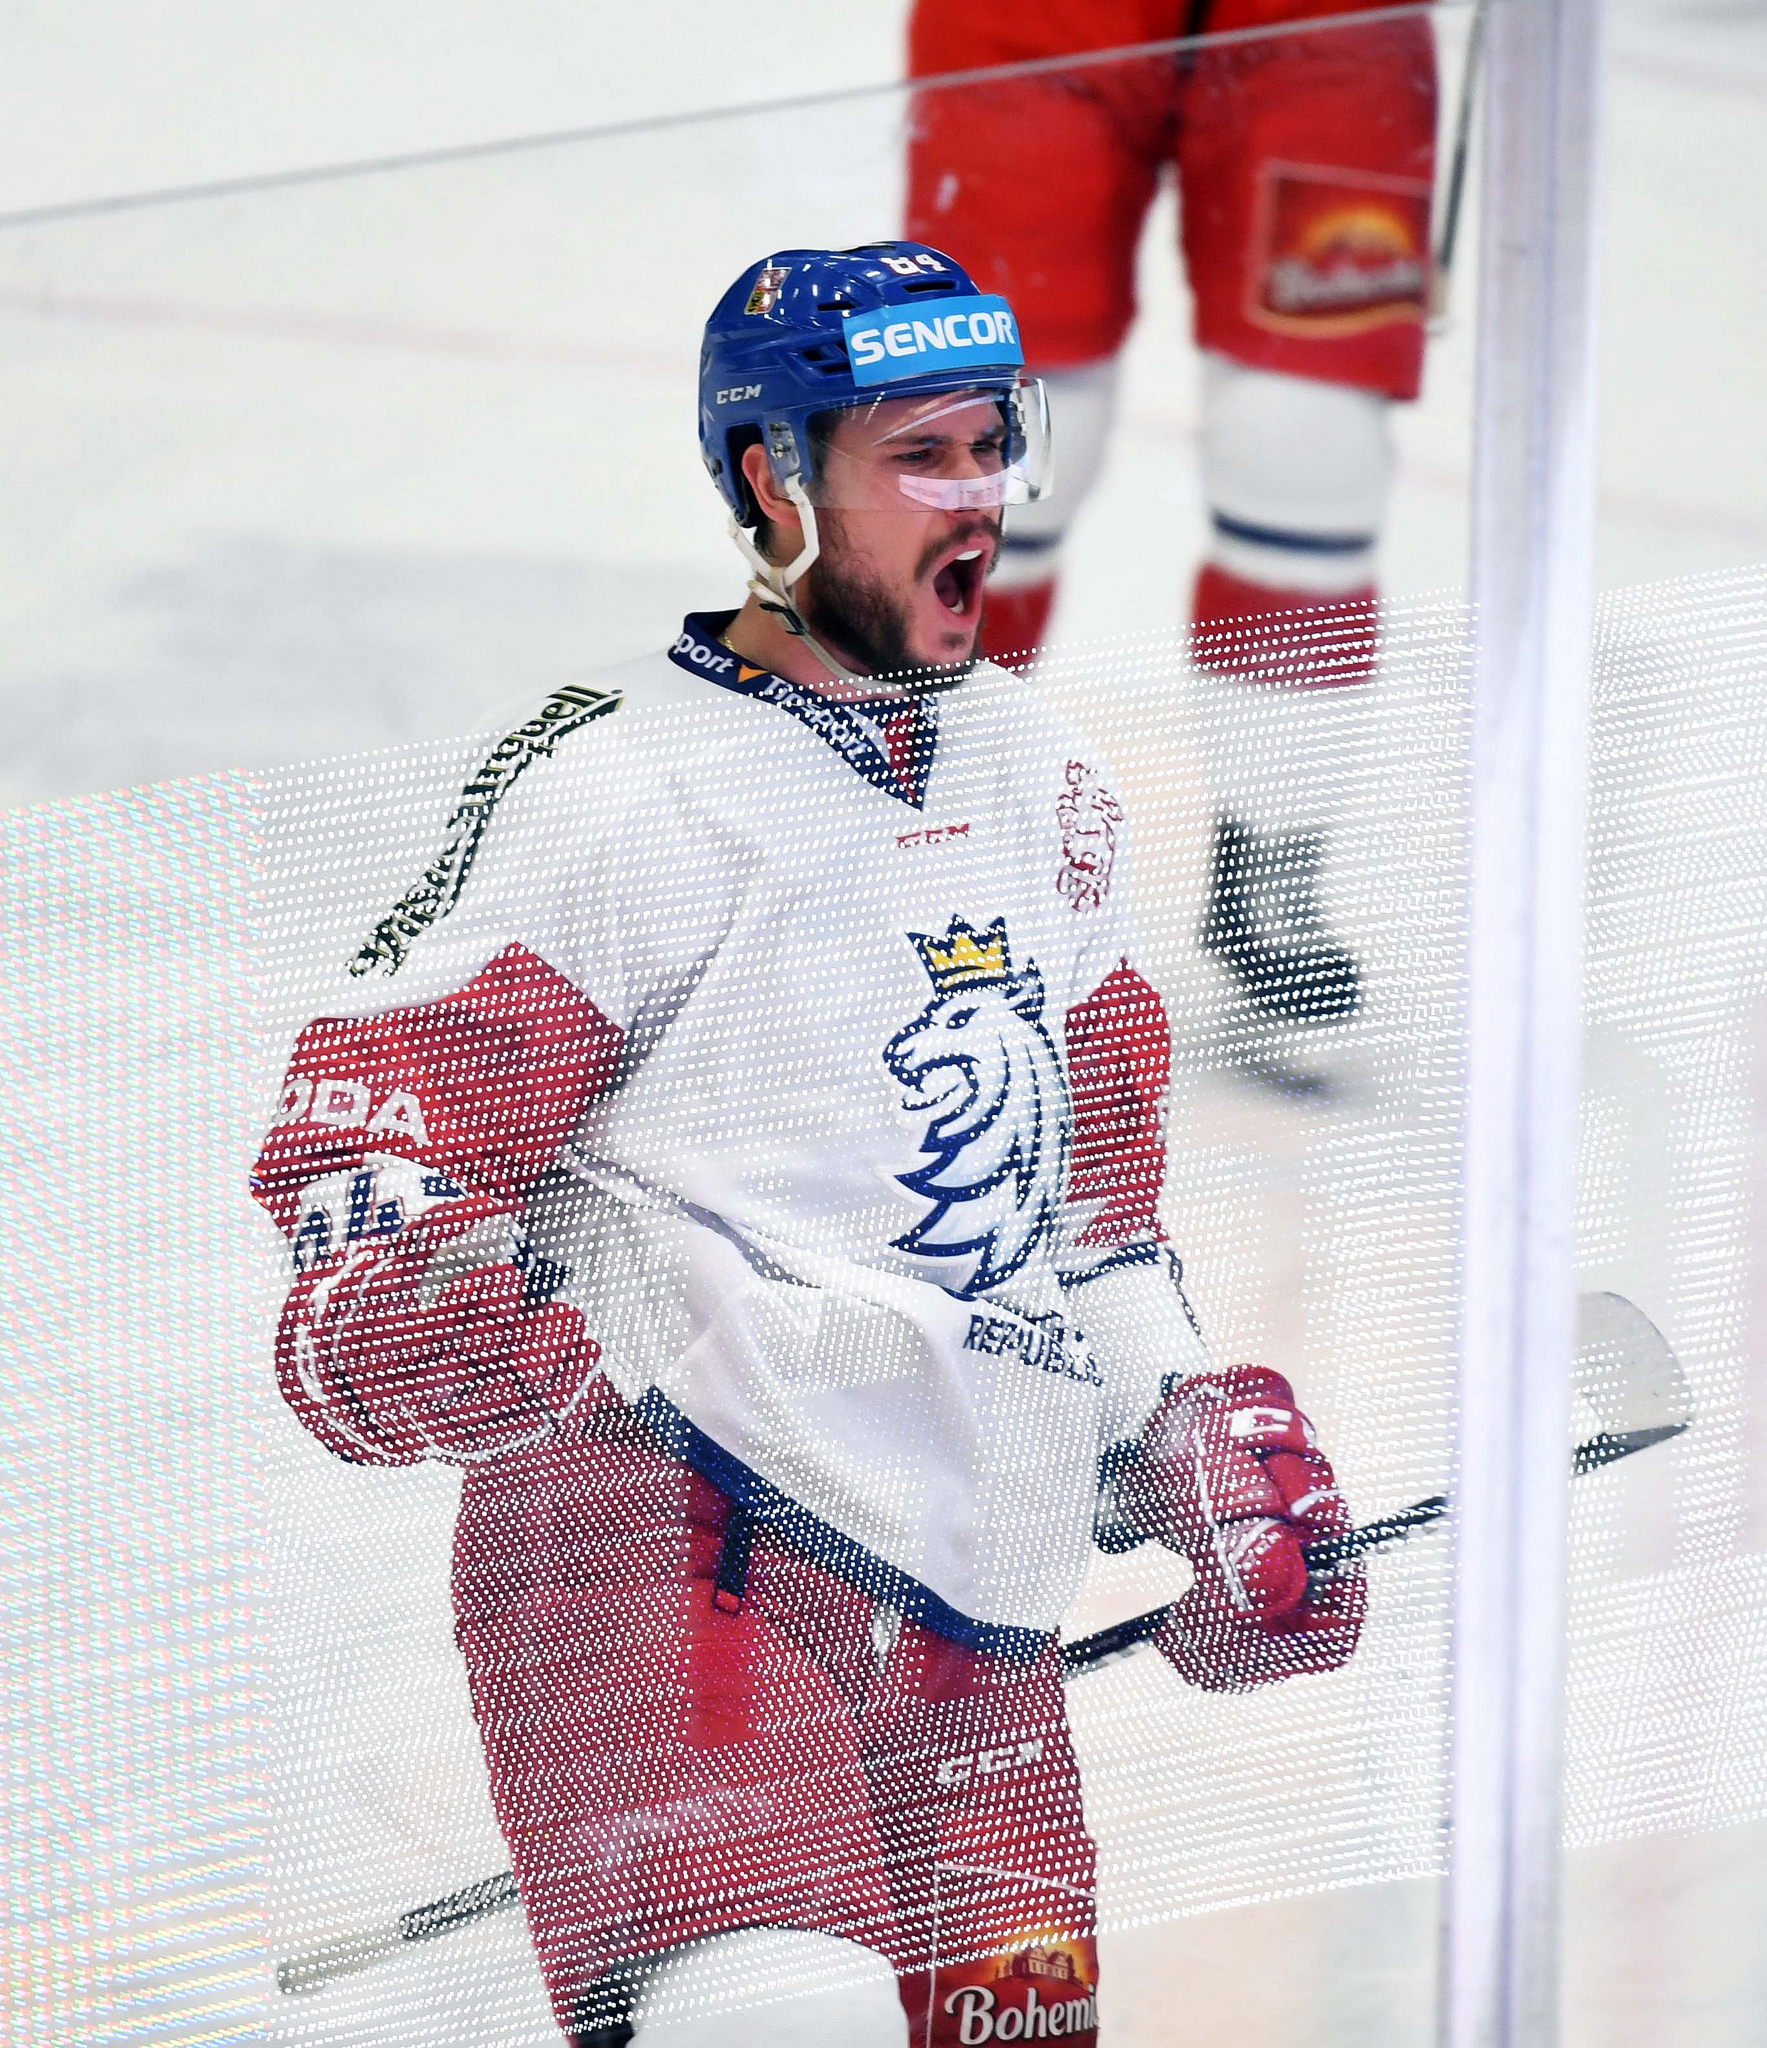 O vítězství nad Finskem rozhodl týmový výkon, pochvaluje si Tomáš Kundrátek